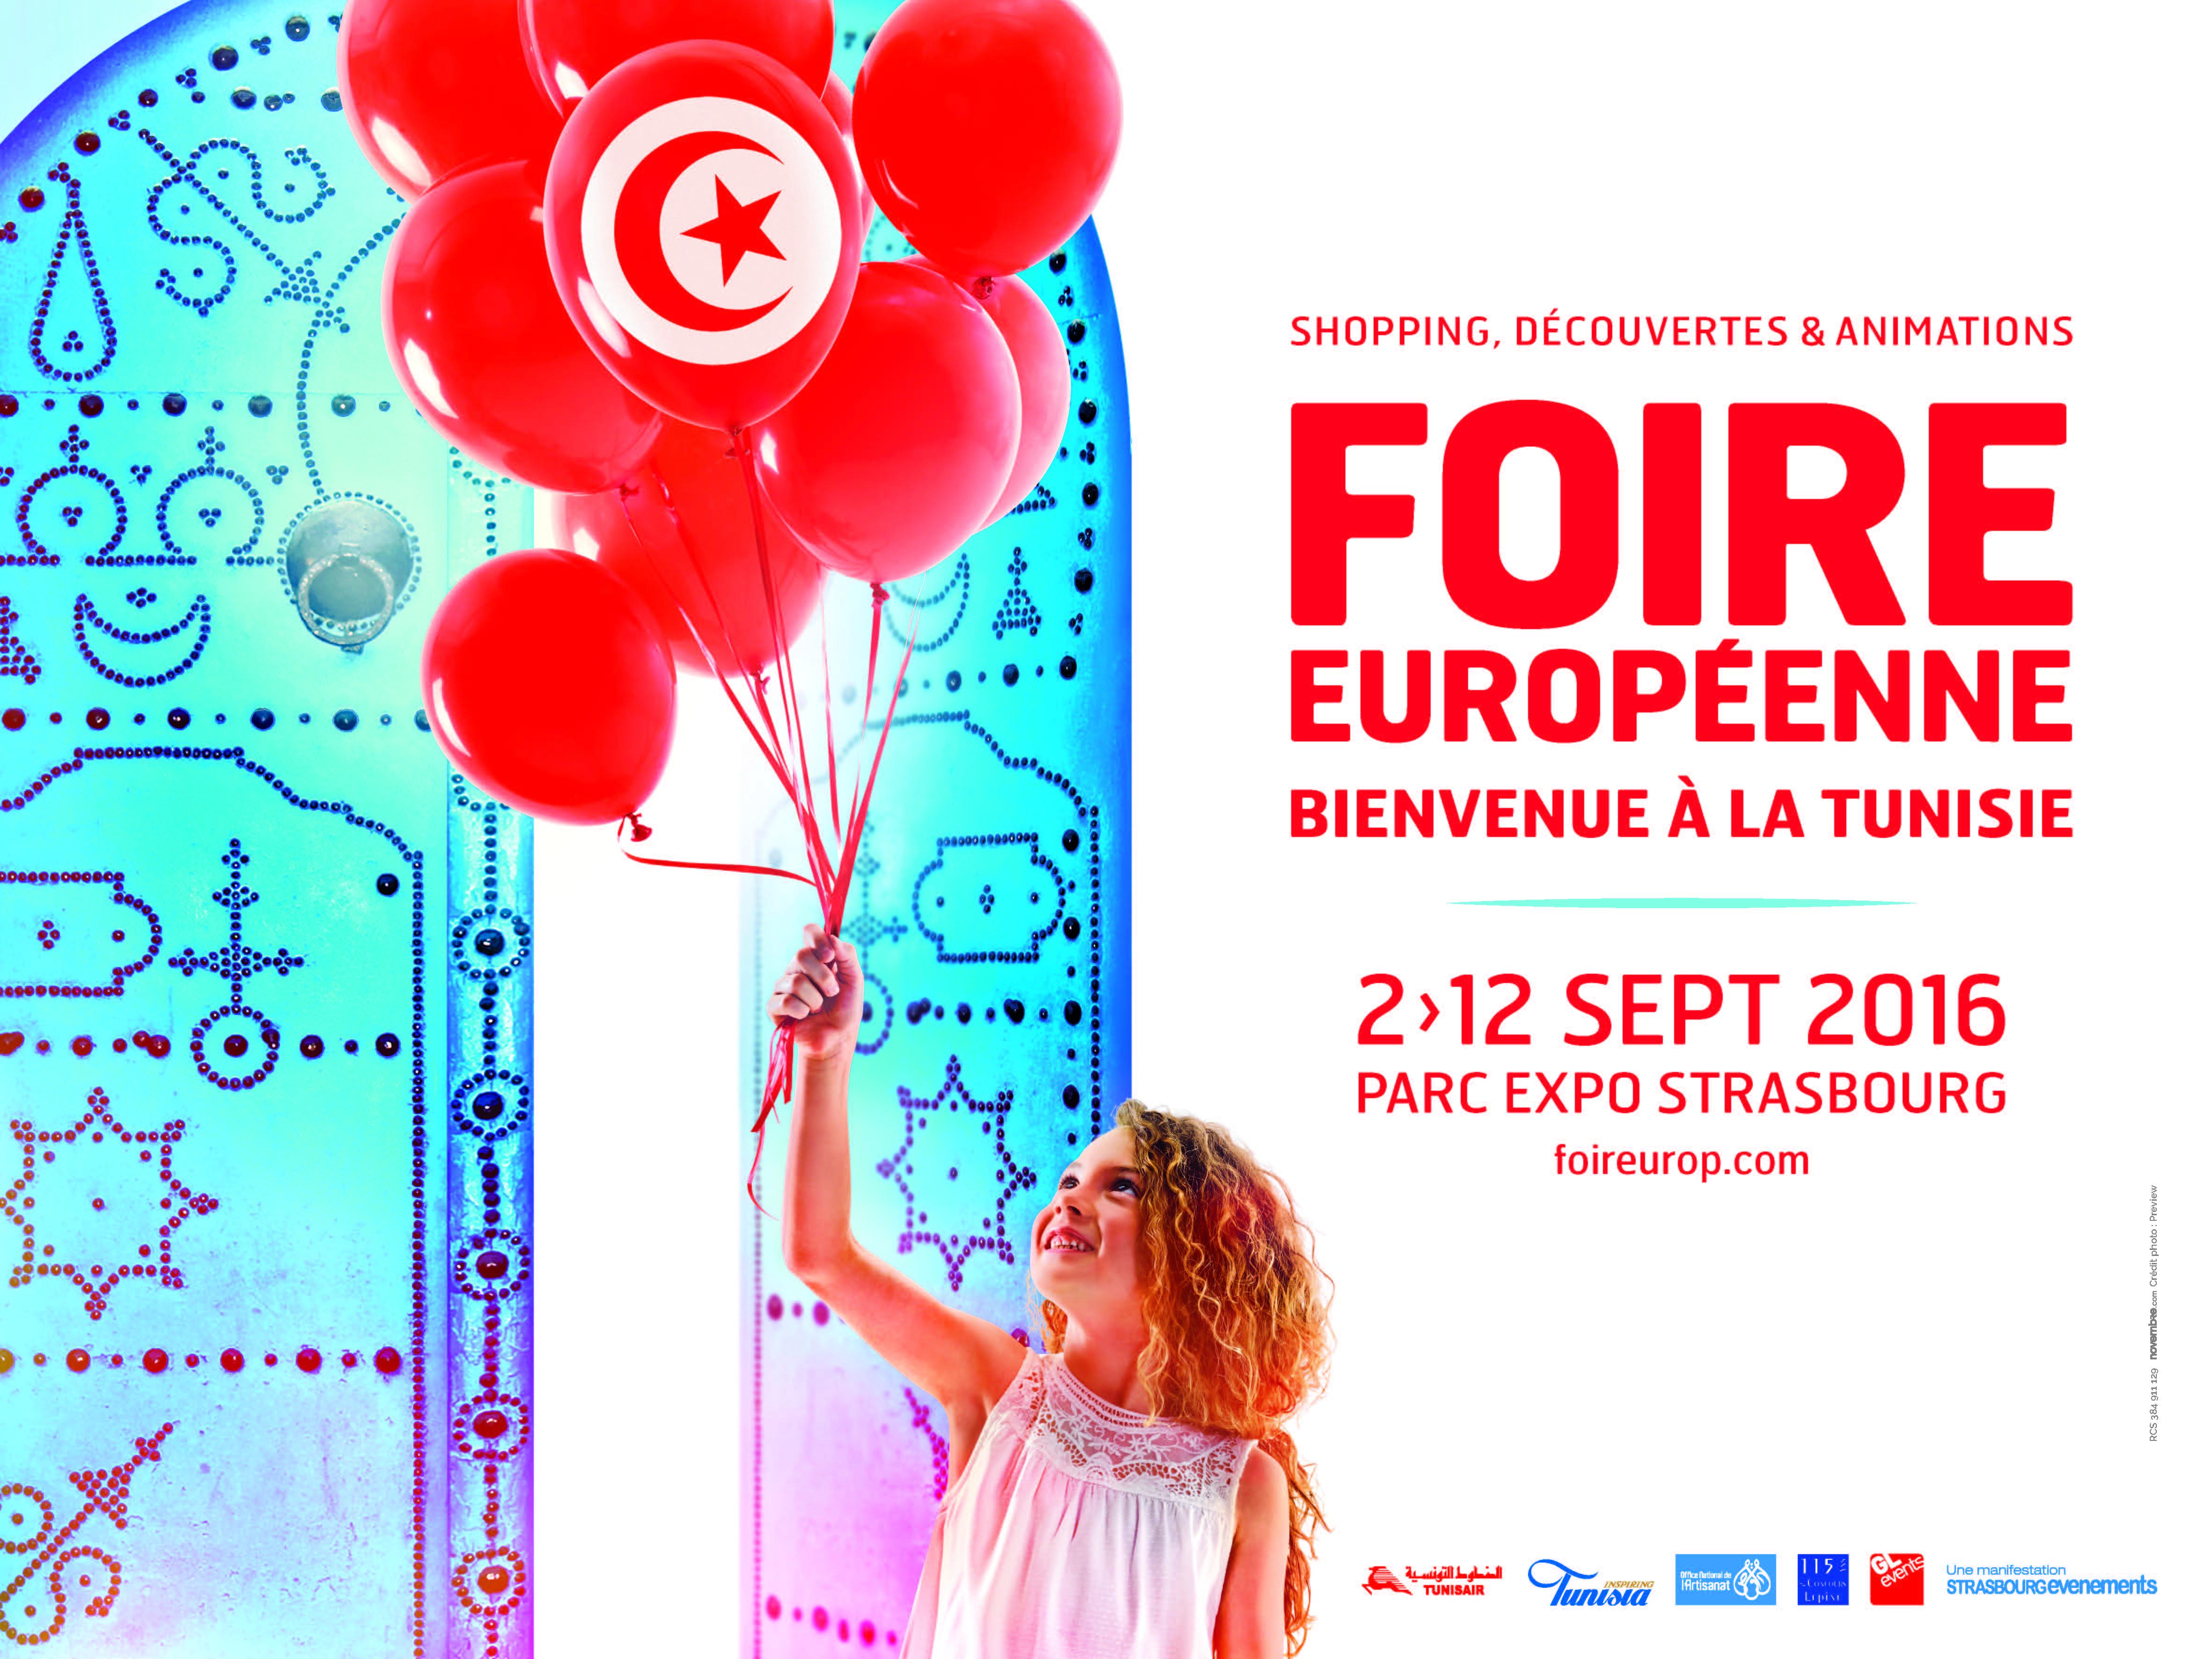 Hase présent à la Foire Européenne de Strasbourg – 2 au 12 septembre 2016